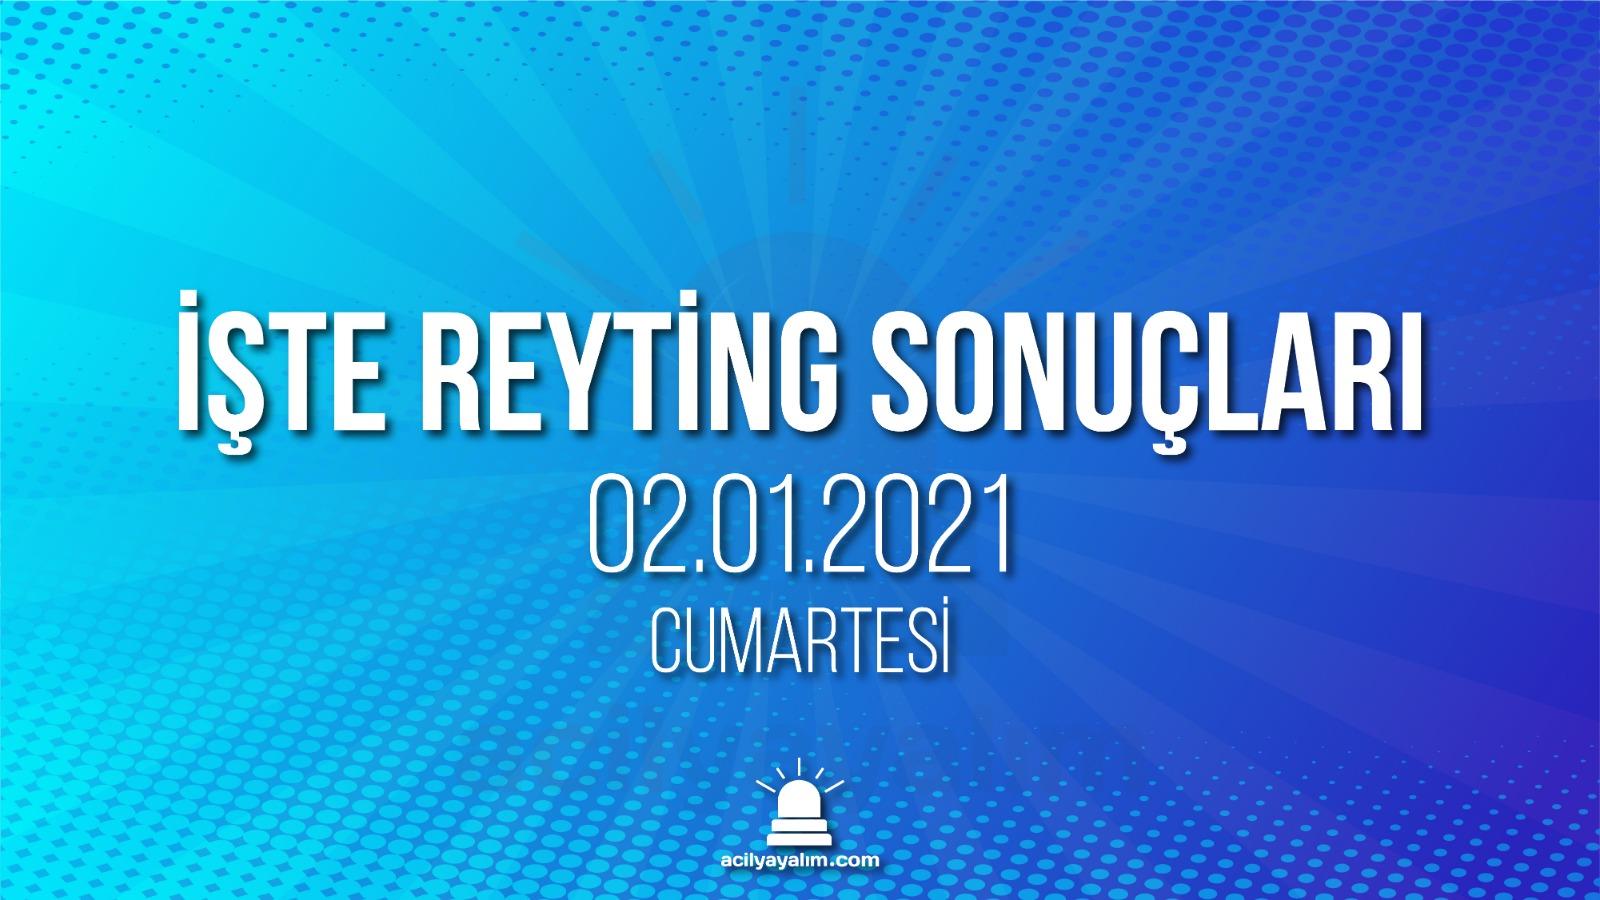 2 Ocak 2021 Cumartesi reyting sonuçları